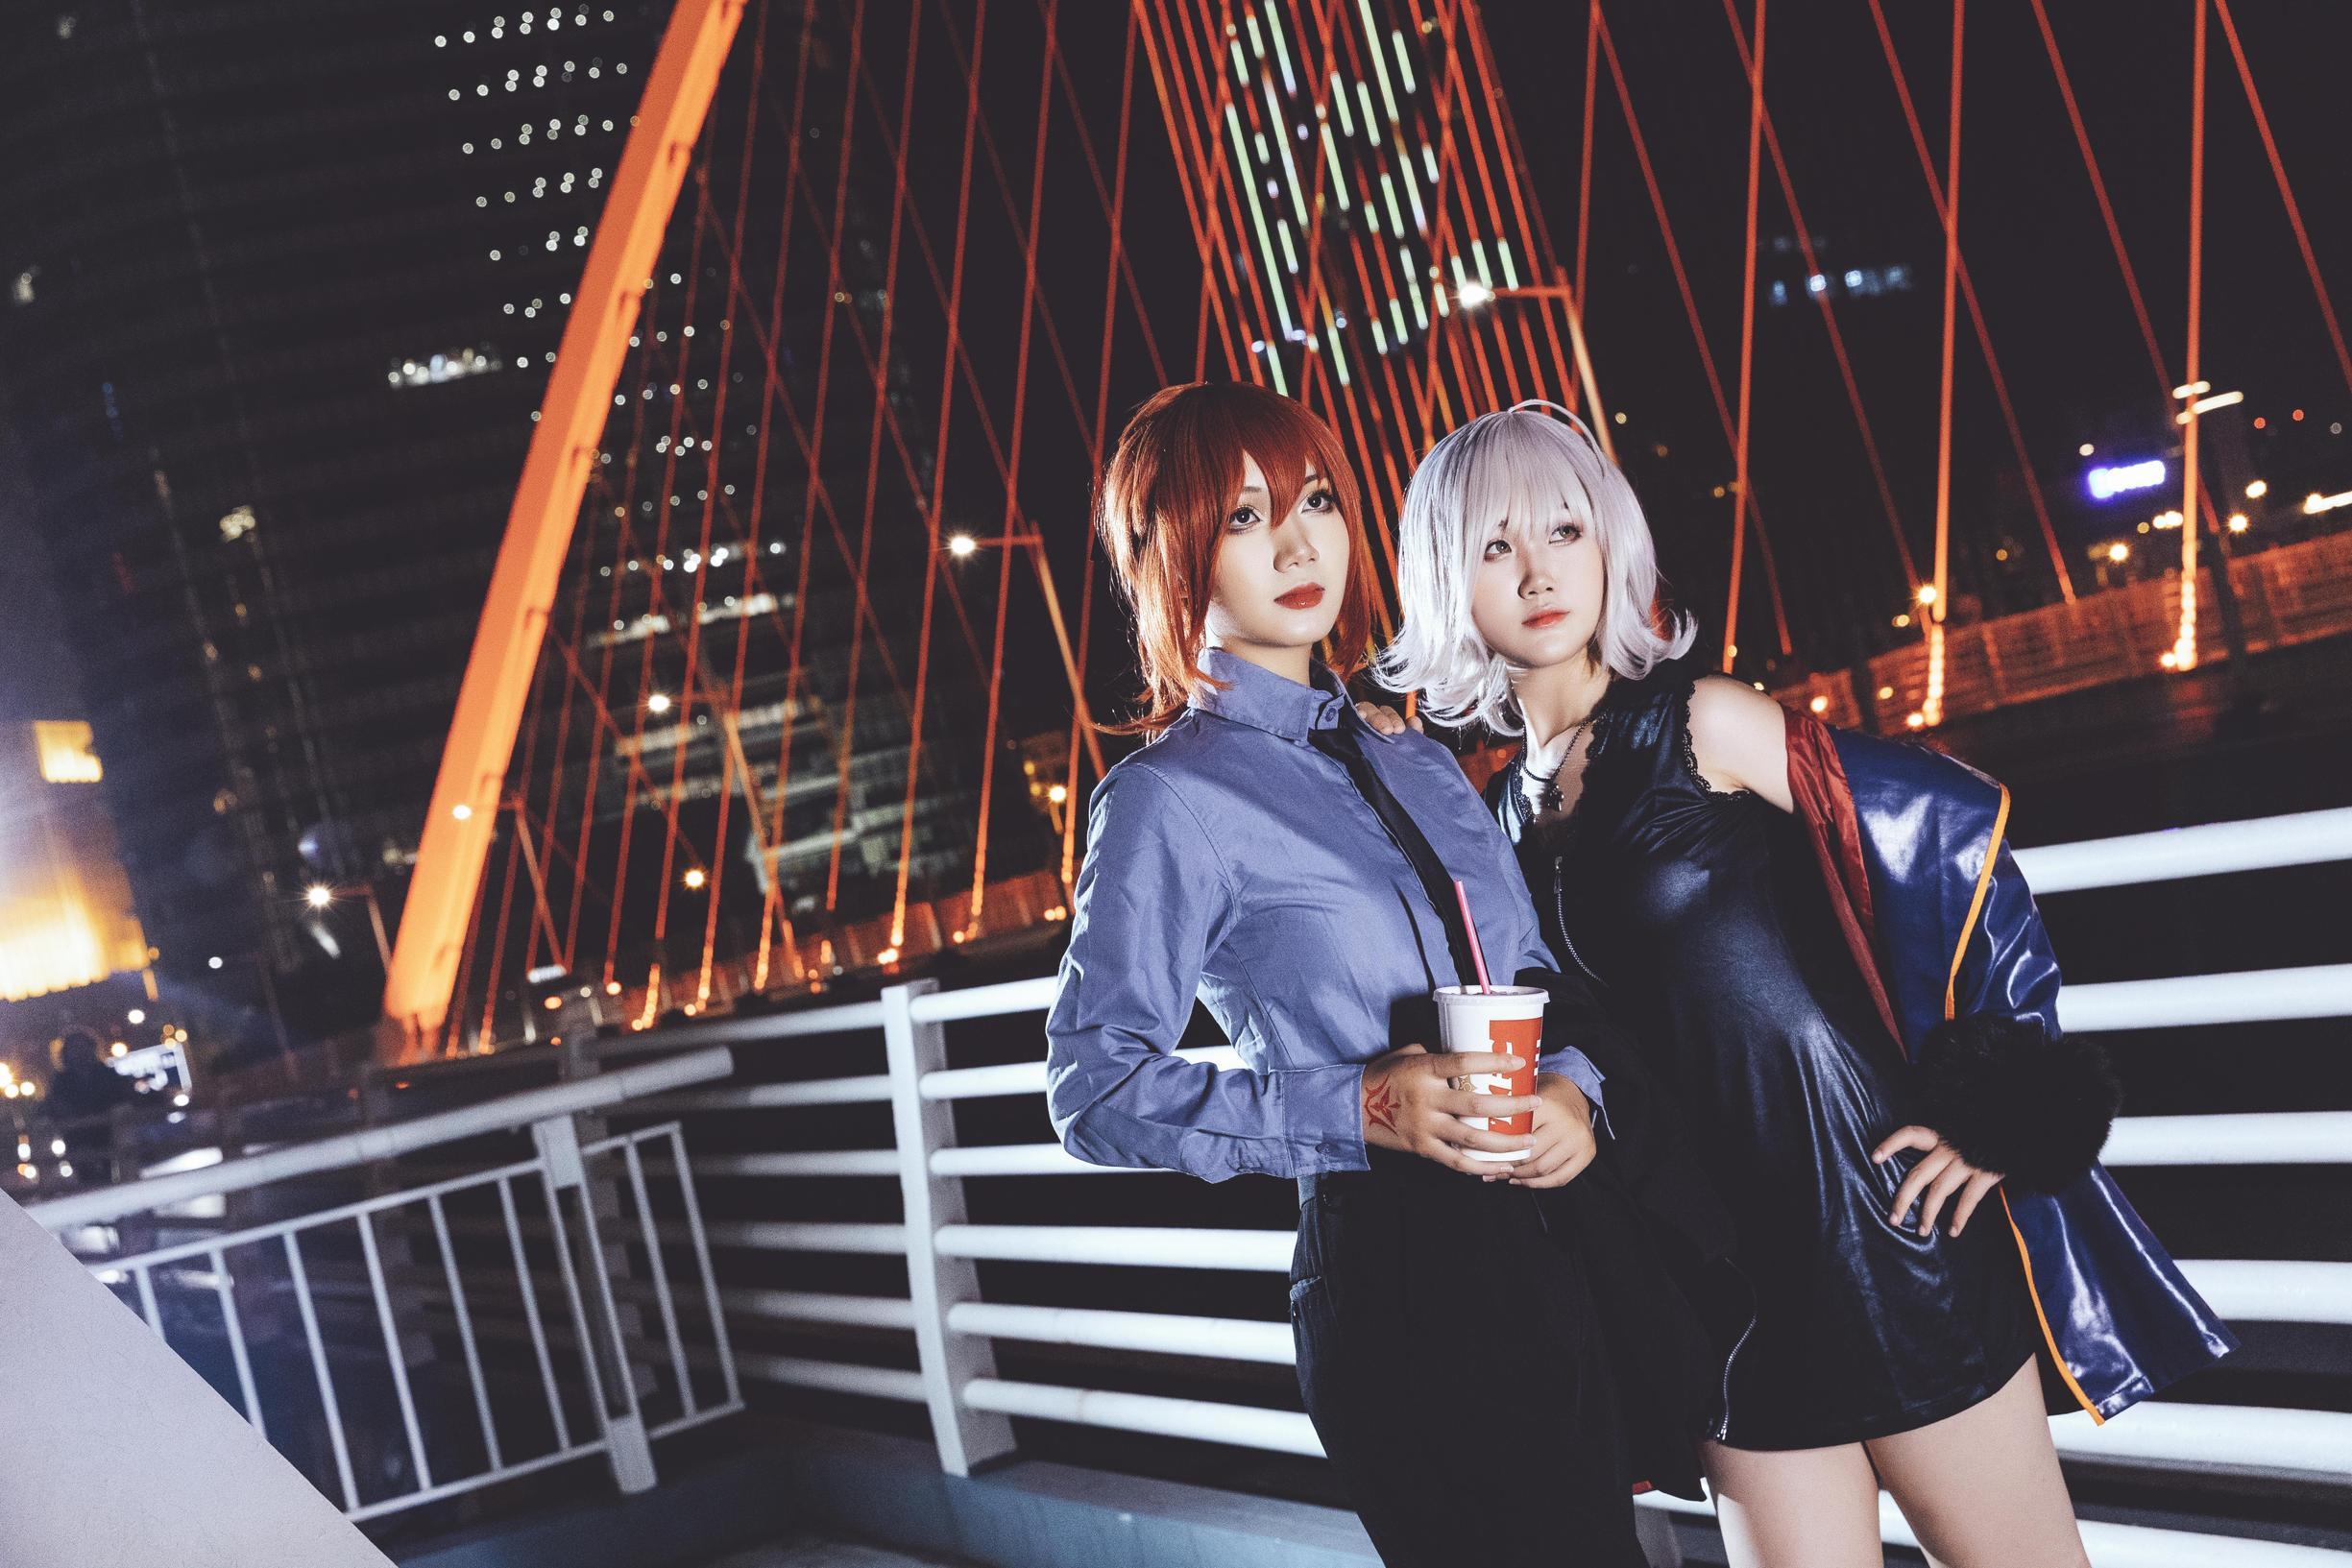 《FATE/STAY NIGHT》正片cosplay【CN:姚子雪曲】-第4张